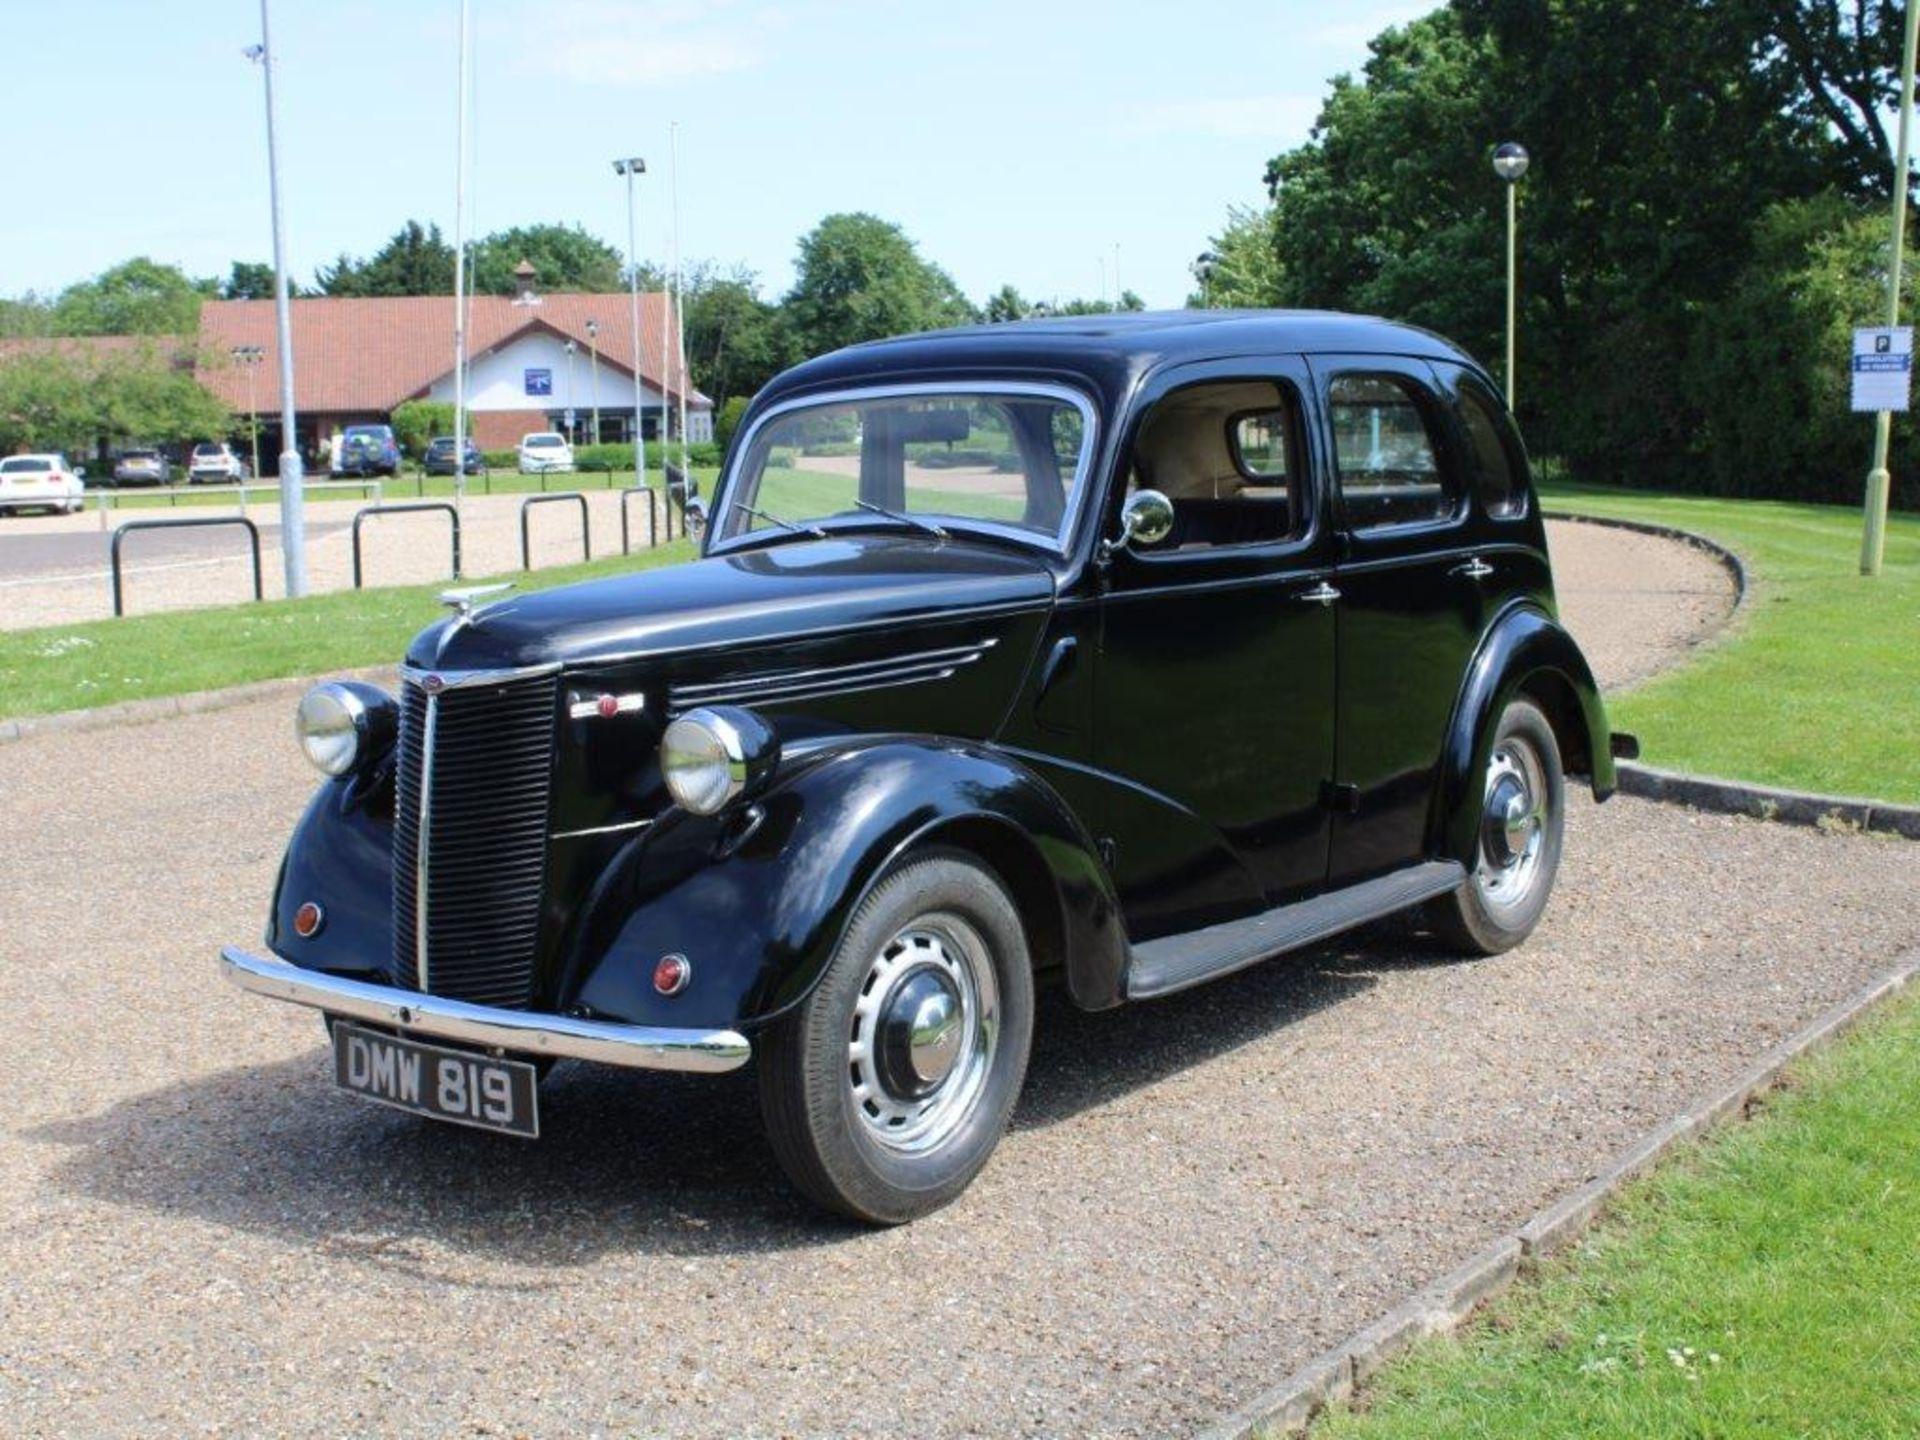 1946 Ford Prefect E93A - Image 3 of 30